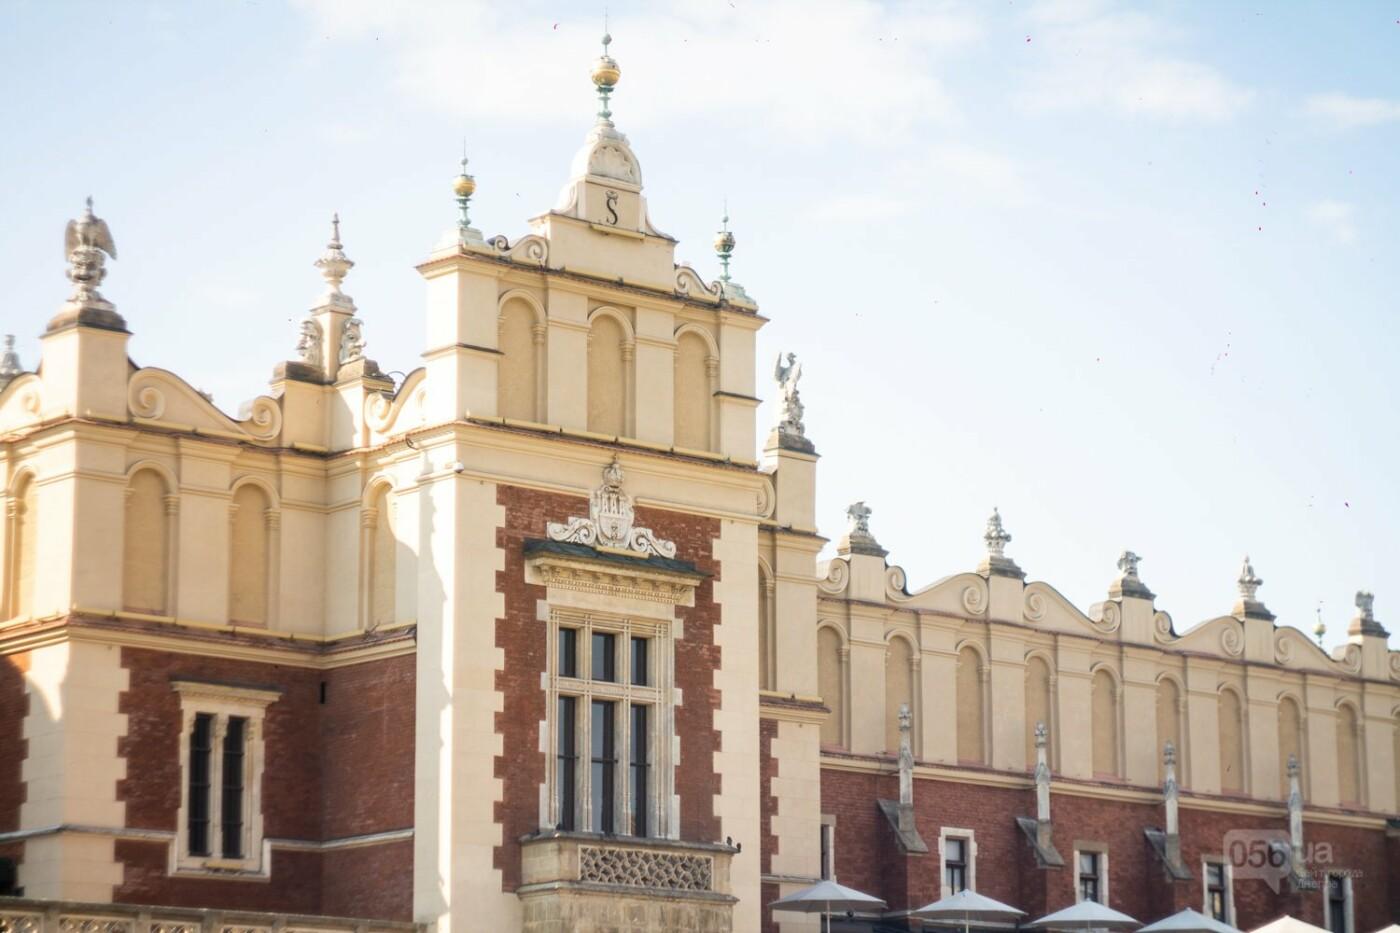 Приехать в Польшу и влюбиться, часть 1: мини-гайд по Кракову о жилье, транспорте и развлечениях, и экскурсия в Аушвиц-Биркенау , - ФОТО, фото-6